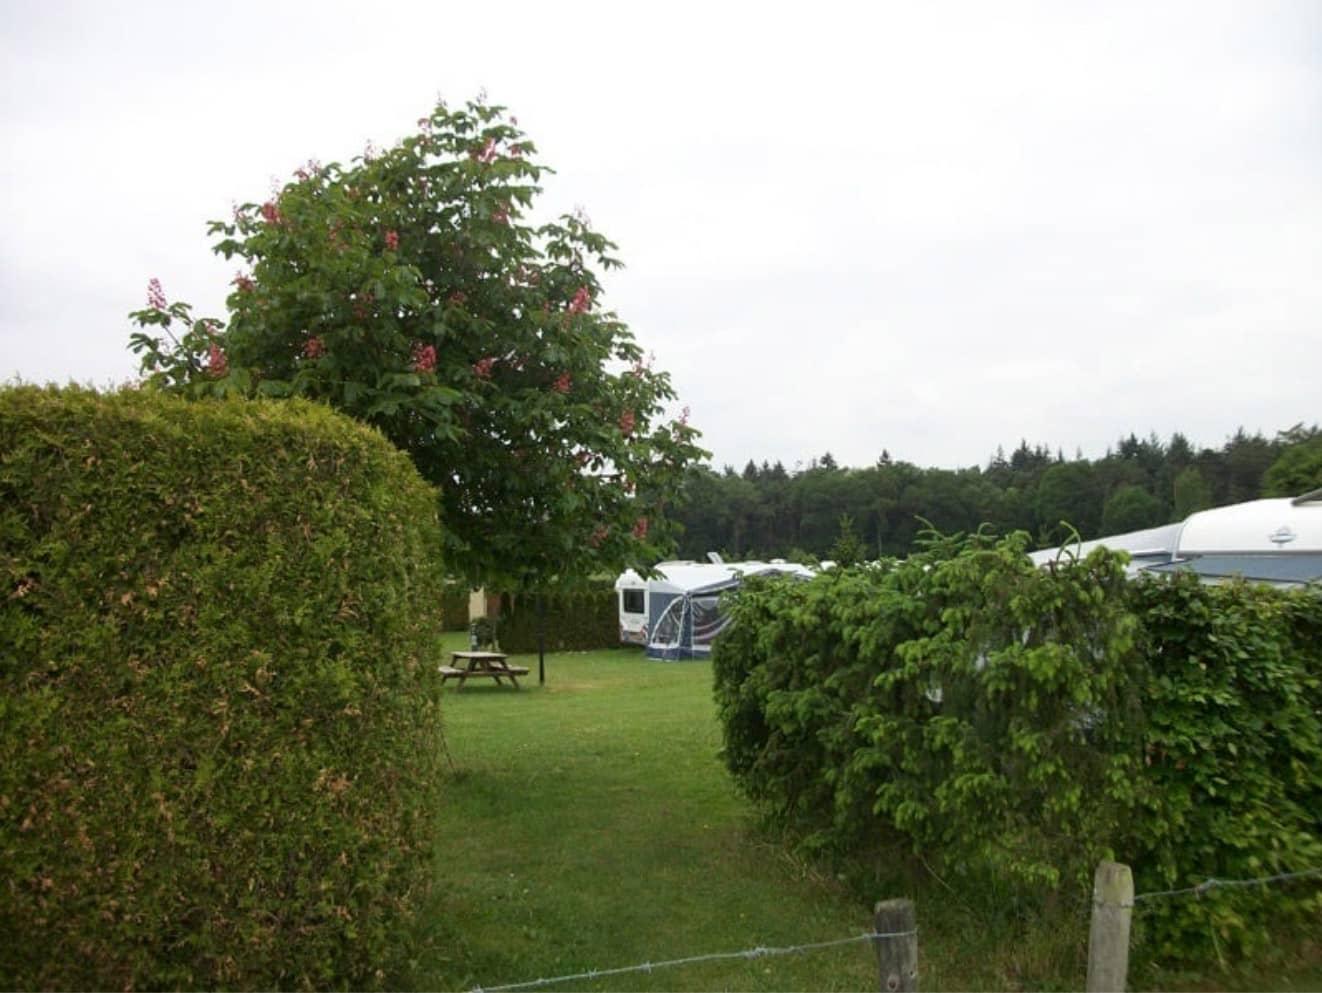 Kamperen bij de boer 13 - camping de prinsenhoeve